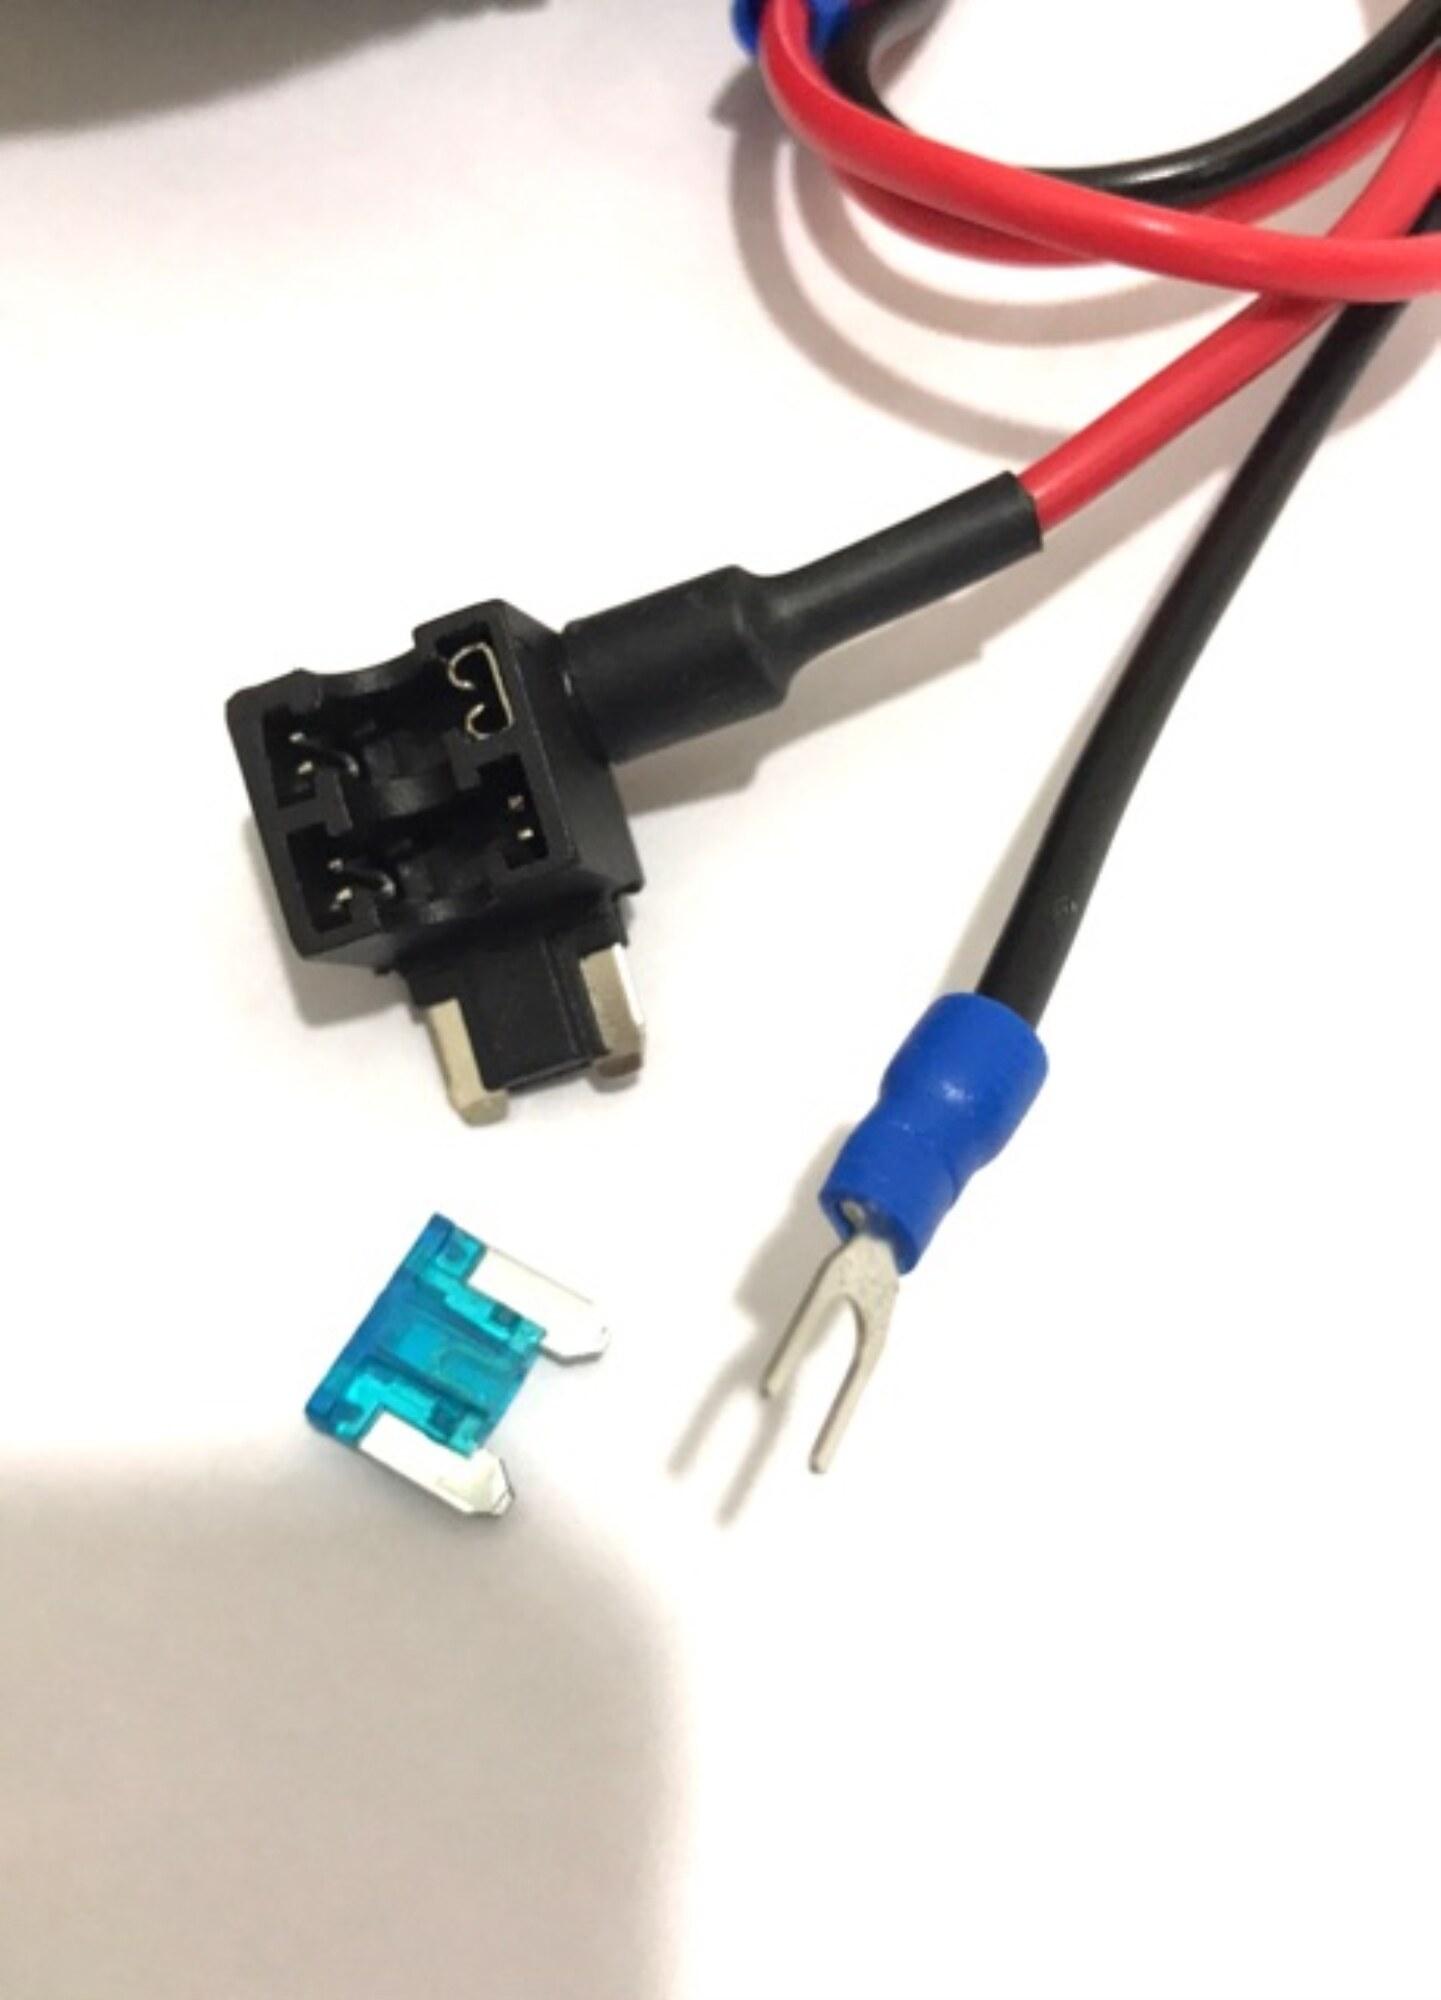 ✽∈ ชุดฟิวส์แท็ปMicor fuse tap แถมฟิวส์-ชุดฟิวแท็ปต่อซ่อนกล้องติดรถยนต์